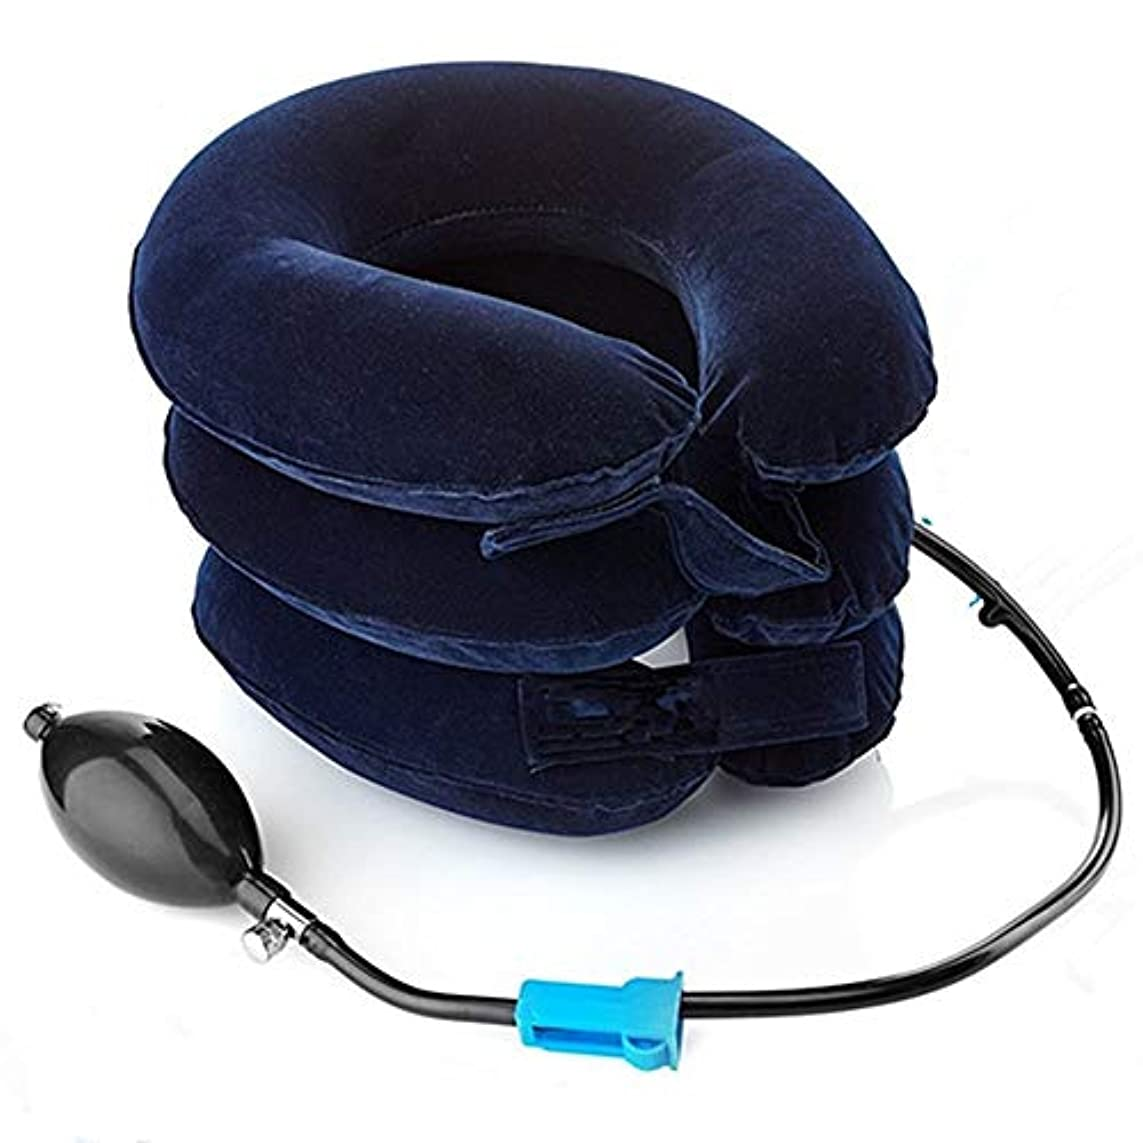 無視するスポンサーノート子宮頸管牽引装置FDA登録 - ホームトラクション背骨の整列のためのインフレータブル&調節可能なネックストレッチャーカラー